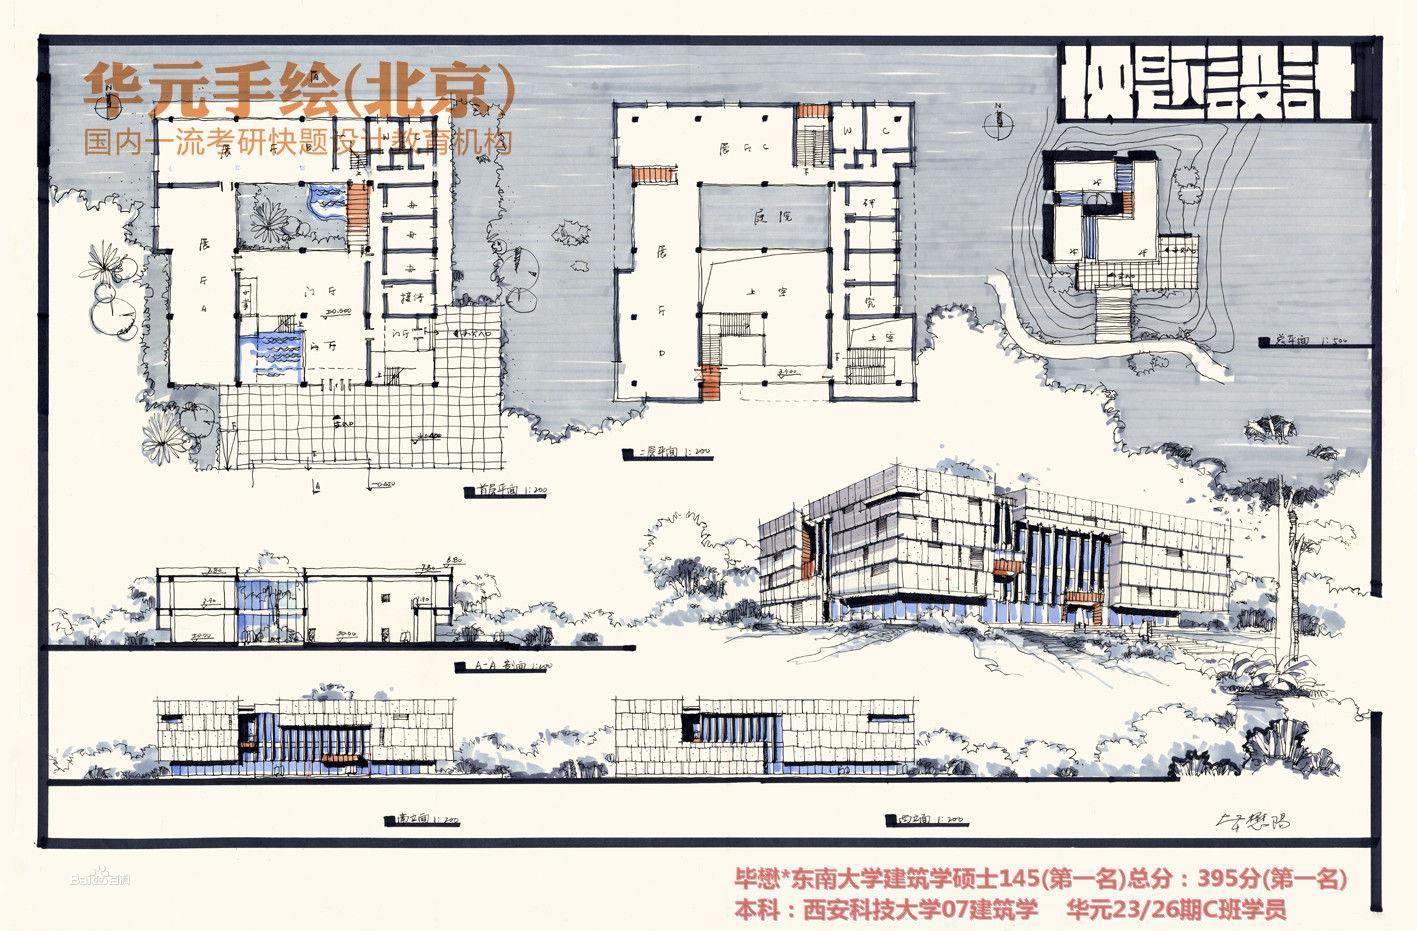 分为建筑快题,城市规划快题,景观或风景园林快题,室内设计快题,工业